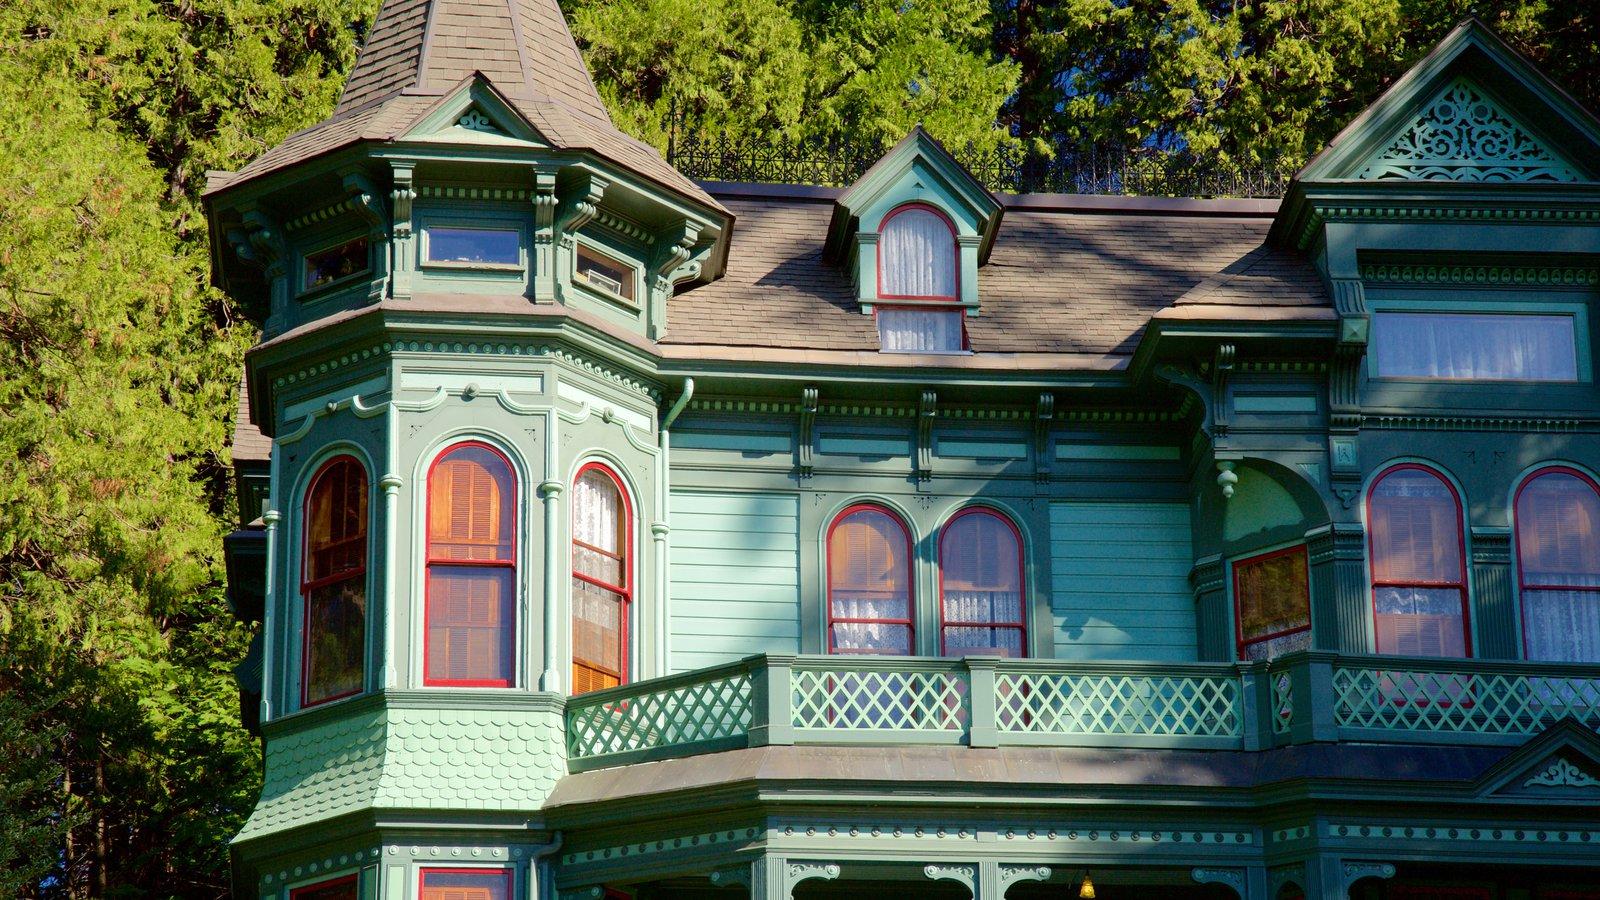 Shelton-McMurphey-Johnson House caracterizando uma casa